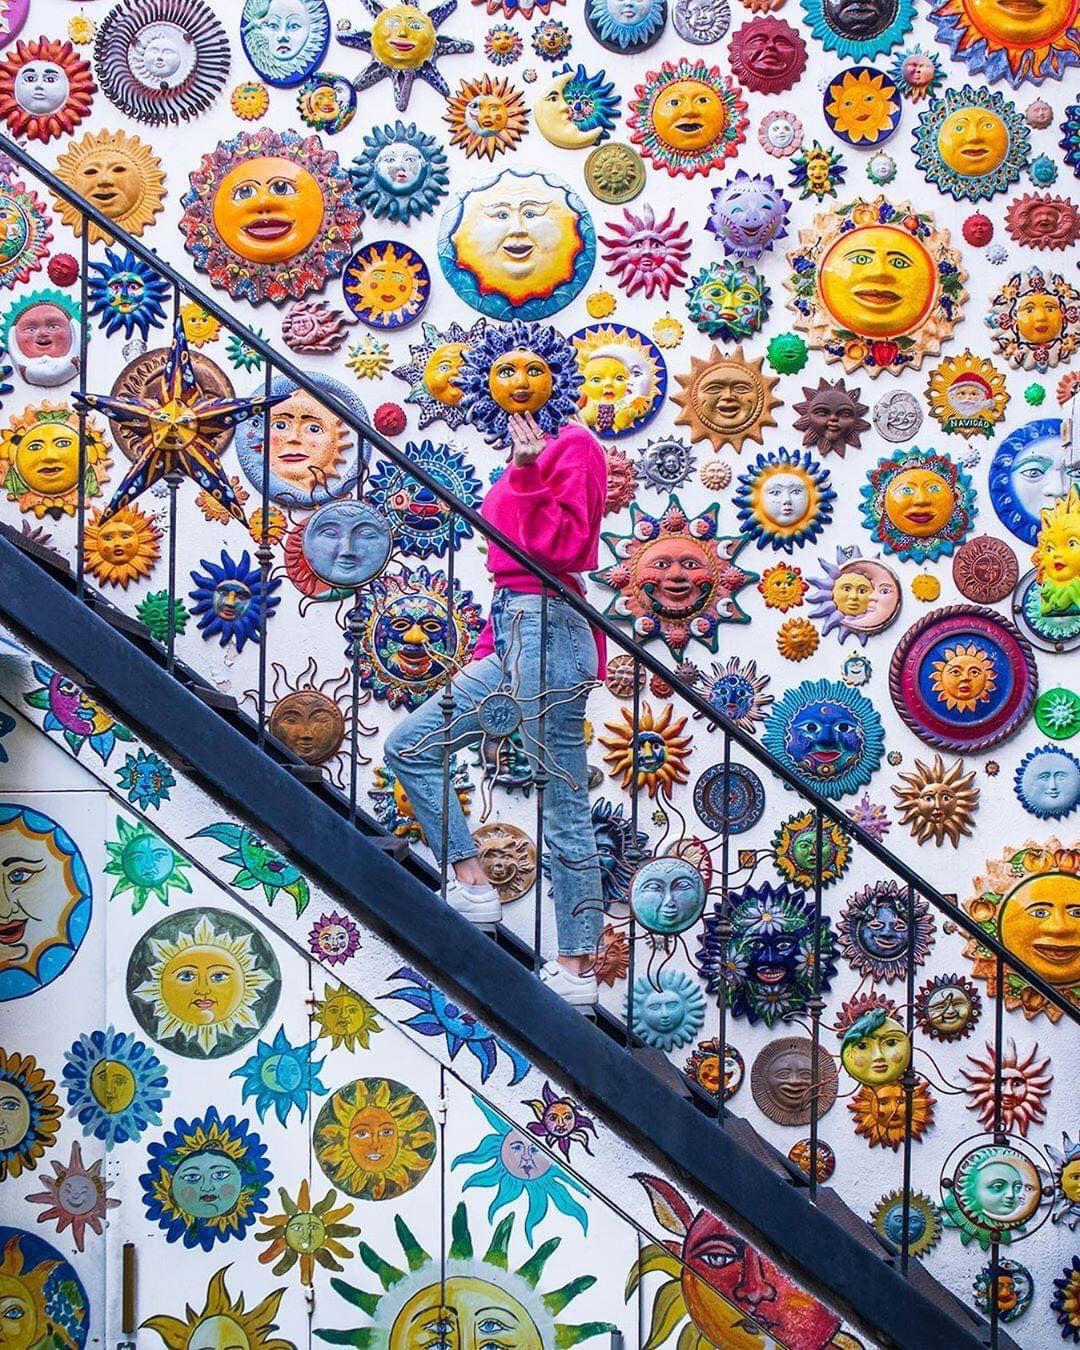 עיר של אמנות, אדריכלות, צבעים, פרחים ויין:San Miguel de Allende